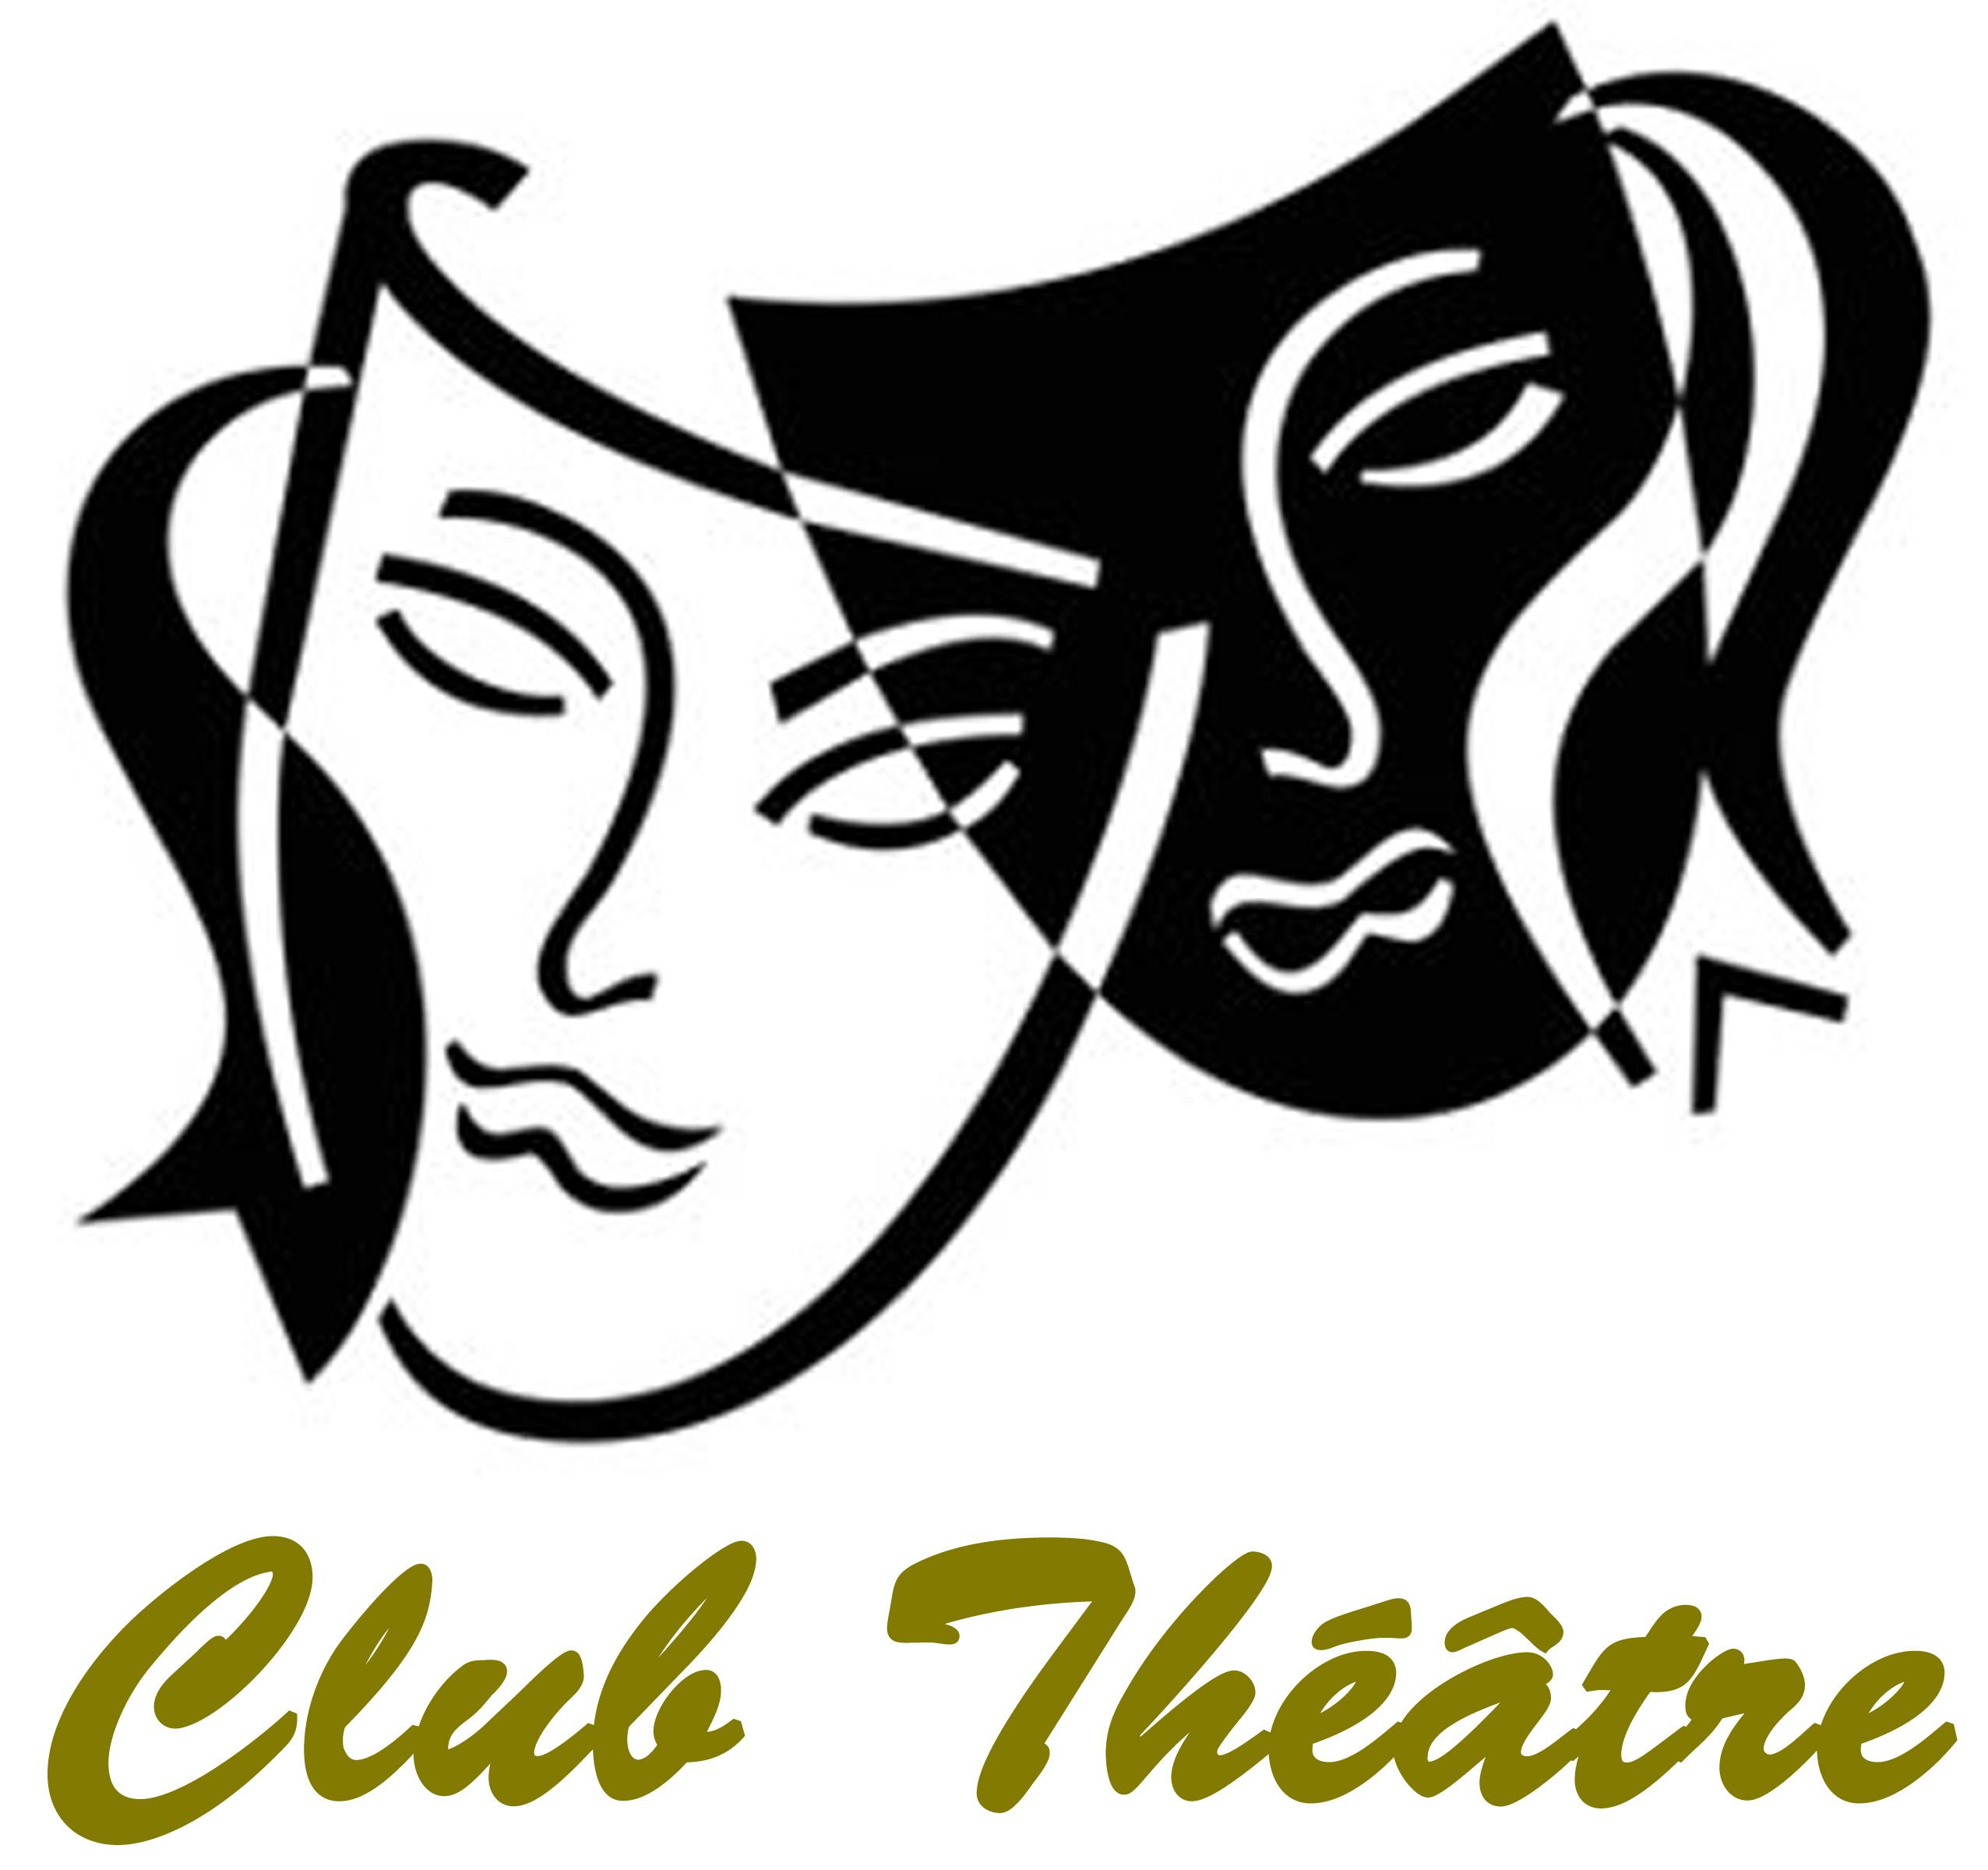 Le Club Théâtre s'adresse à tous les fans de théâtre ...: www.eilco-ulco.fr/vie-associative/les-clubs